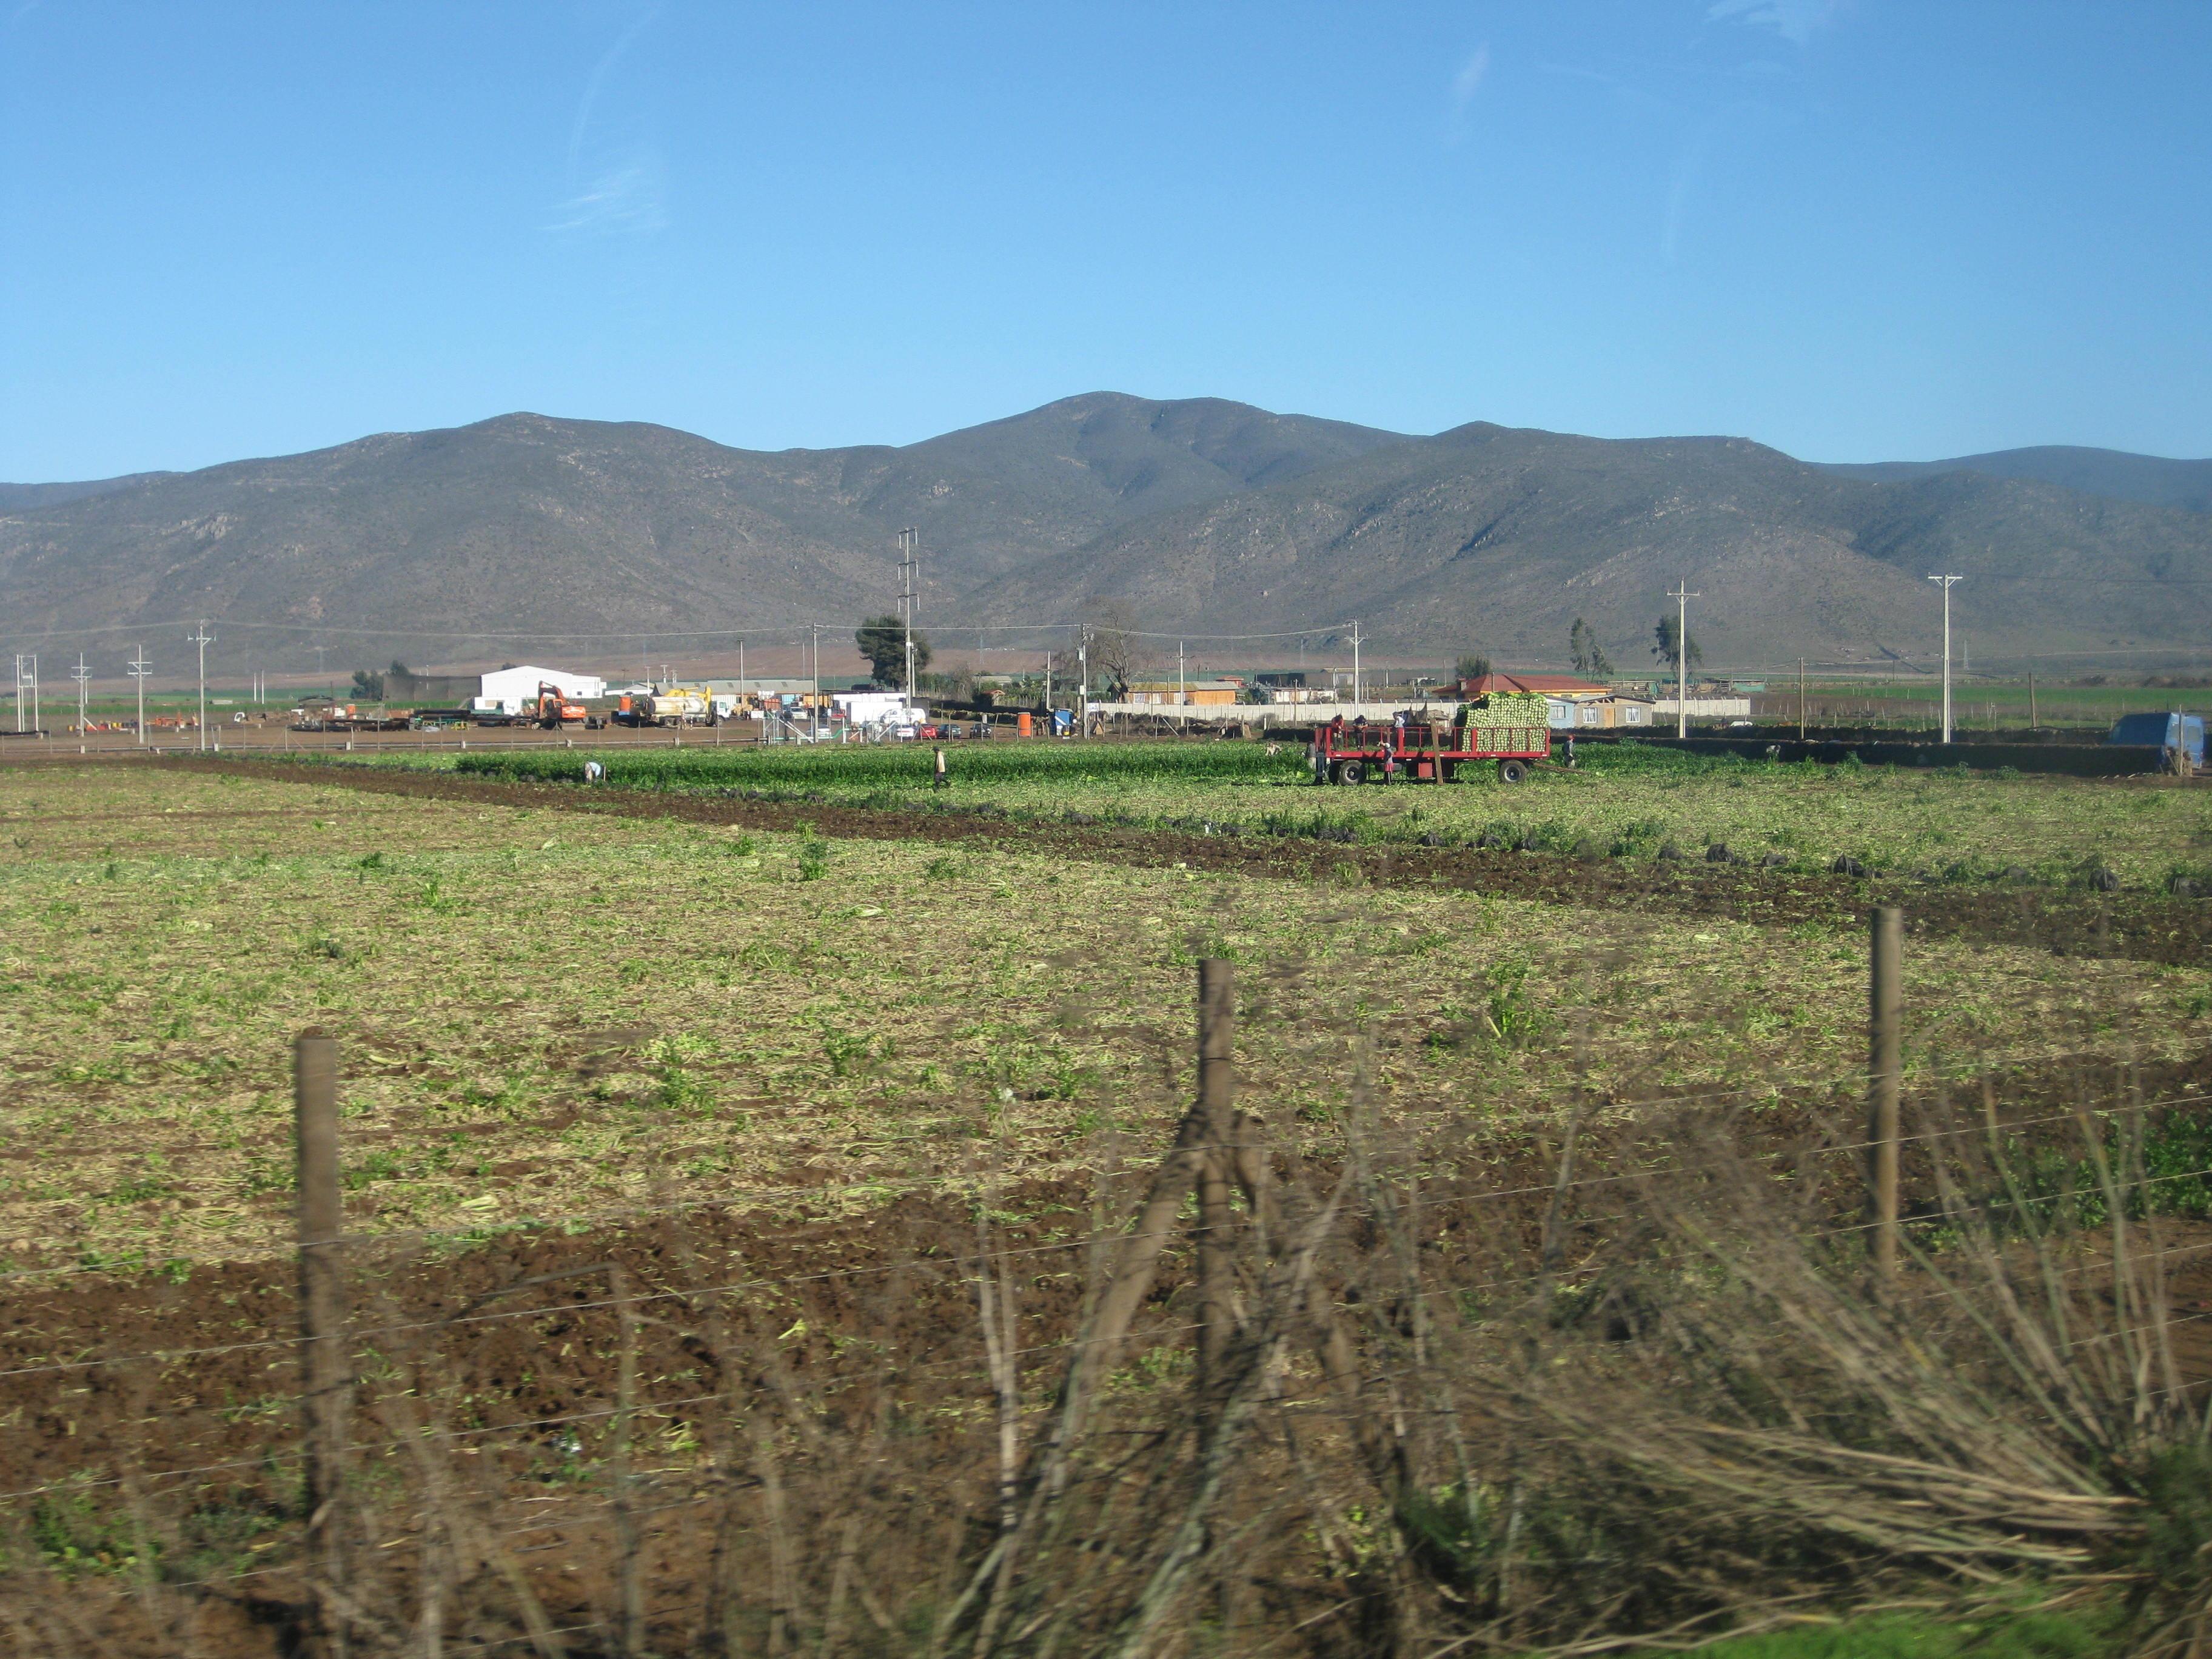 A celery field